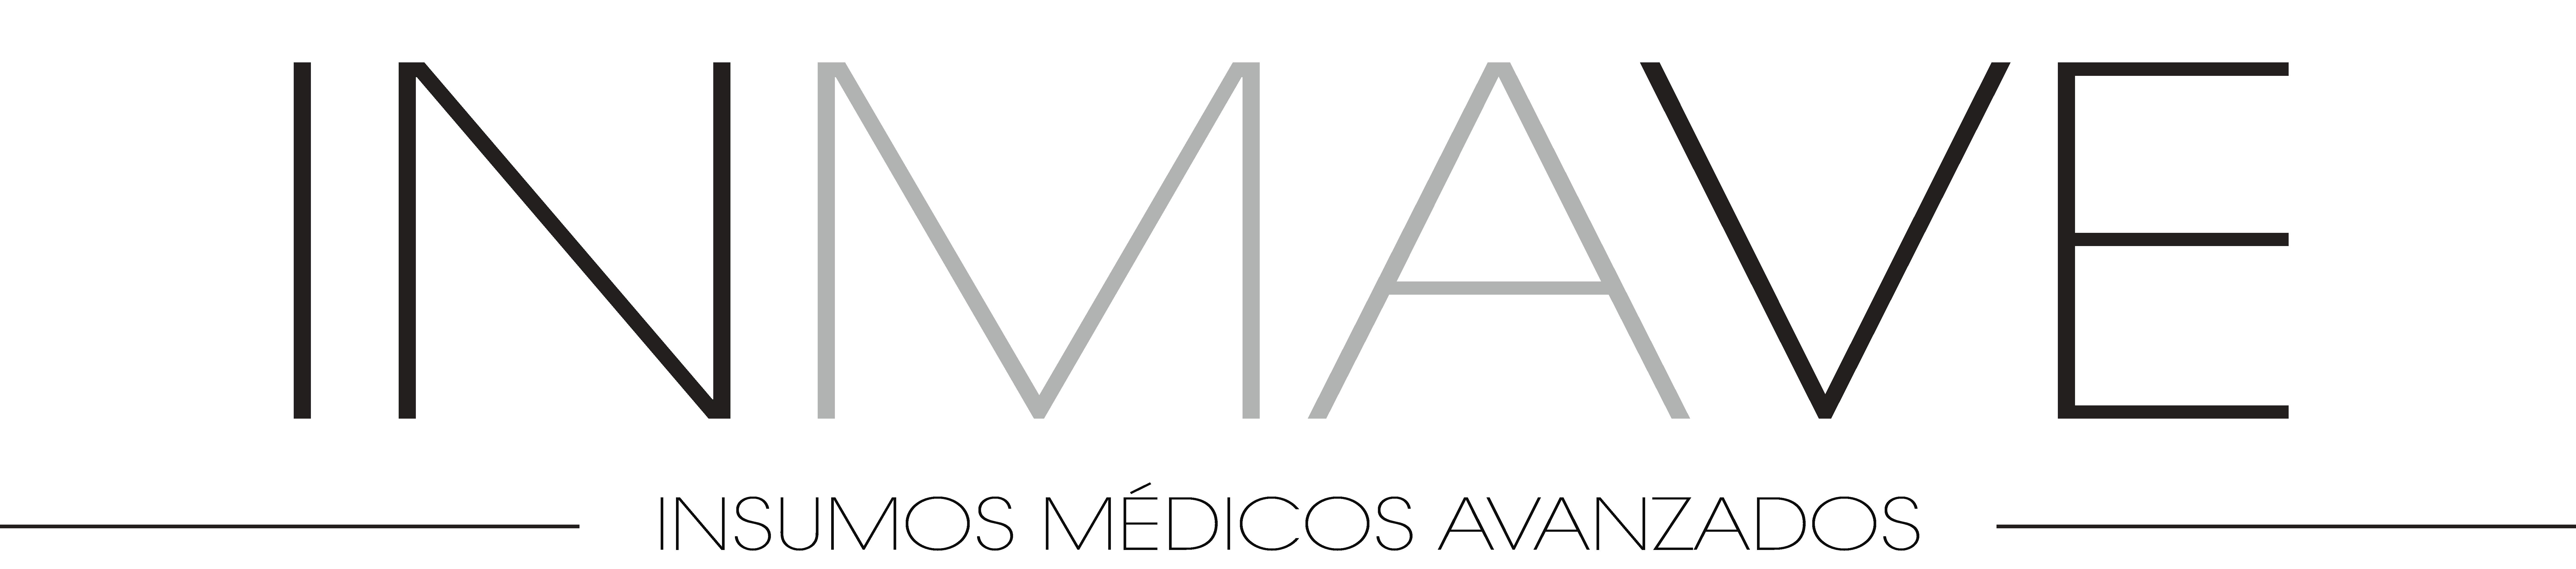 Logo inmave imp tran (1)